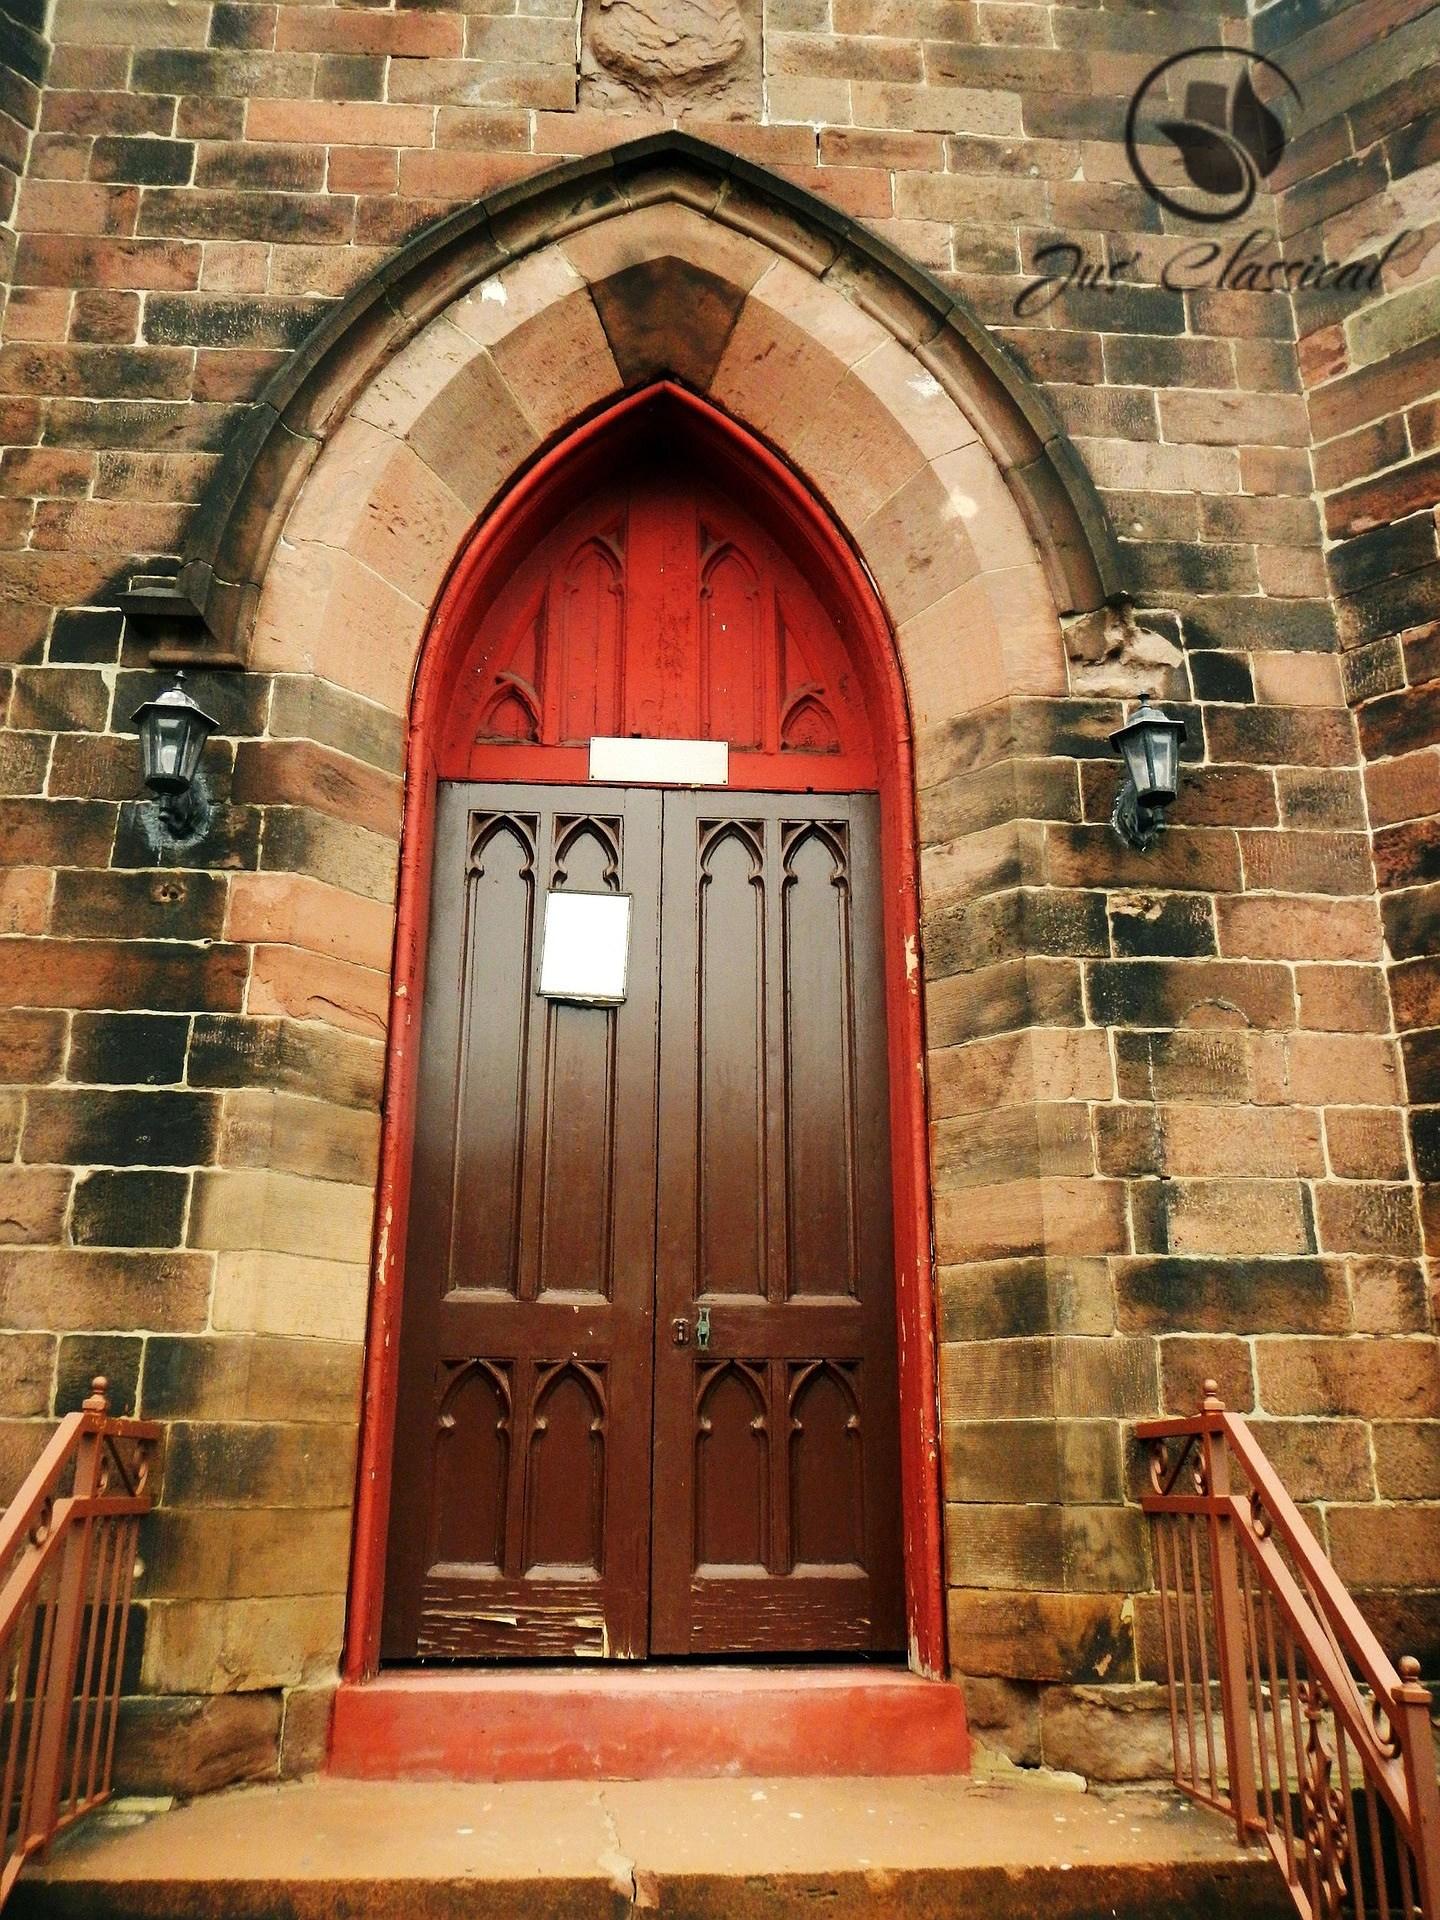 image of a church door.